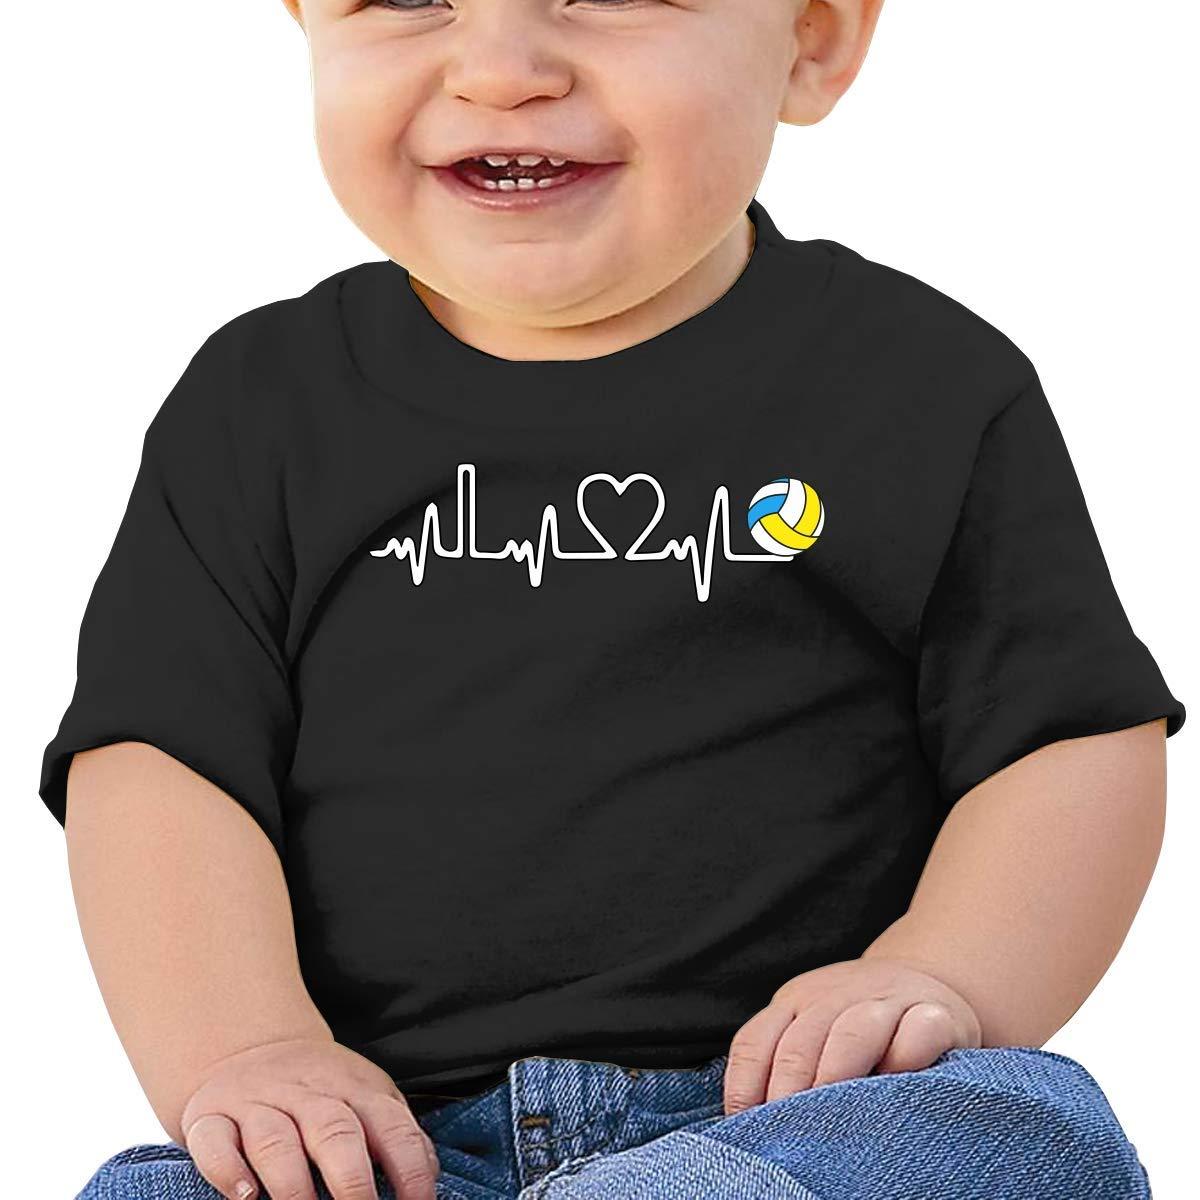 ZhuHanug English Bulldog Cool Newborn Baby Short Sleeve Crew Neck T-Shirt